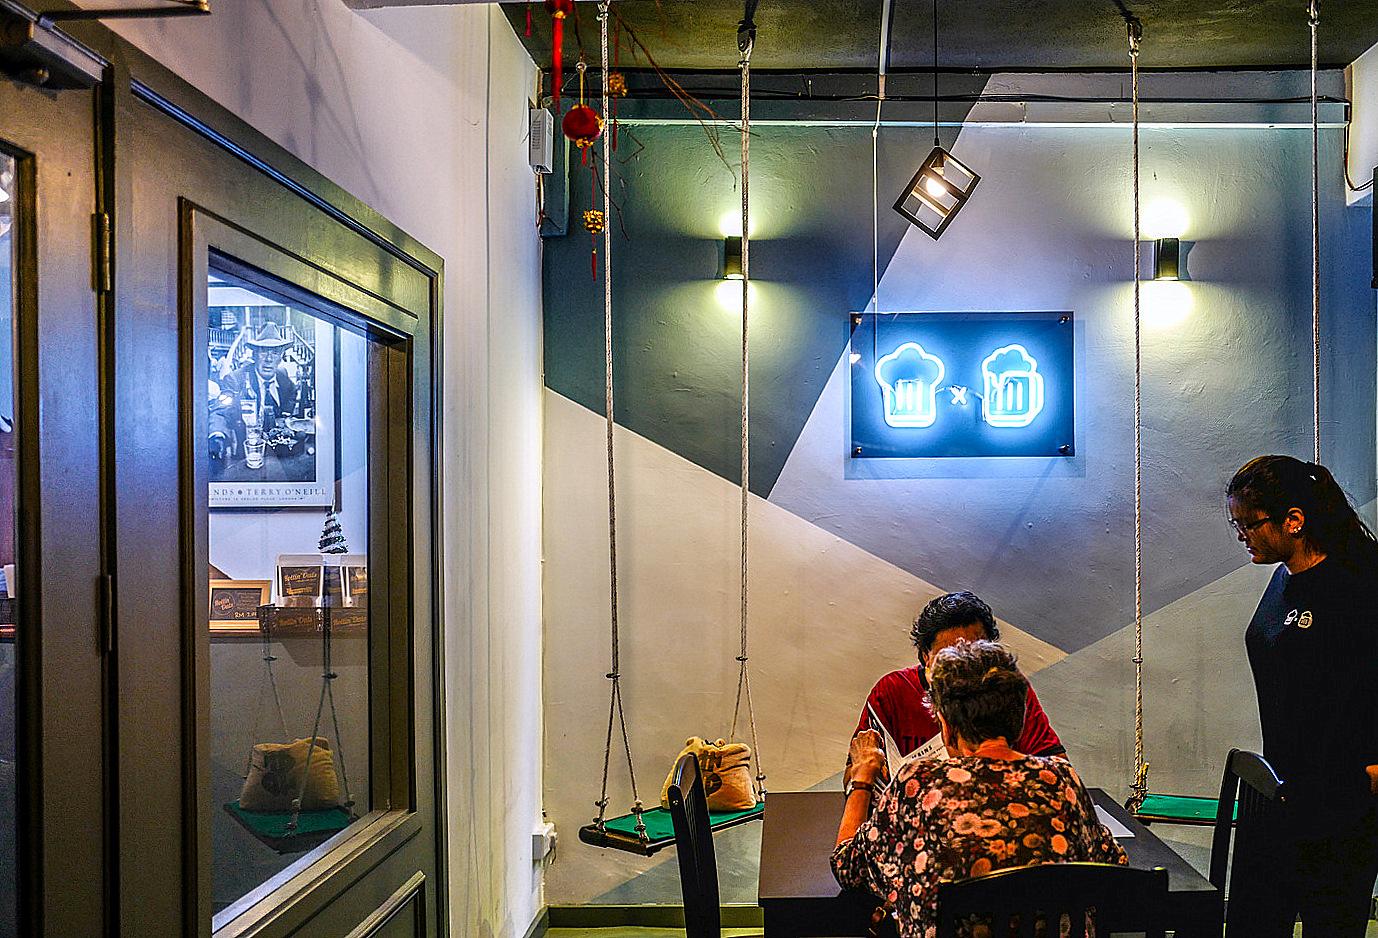 kong restobar @ ss15 subang jaya